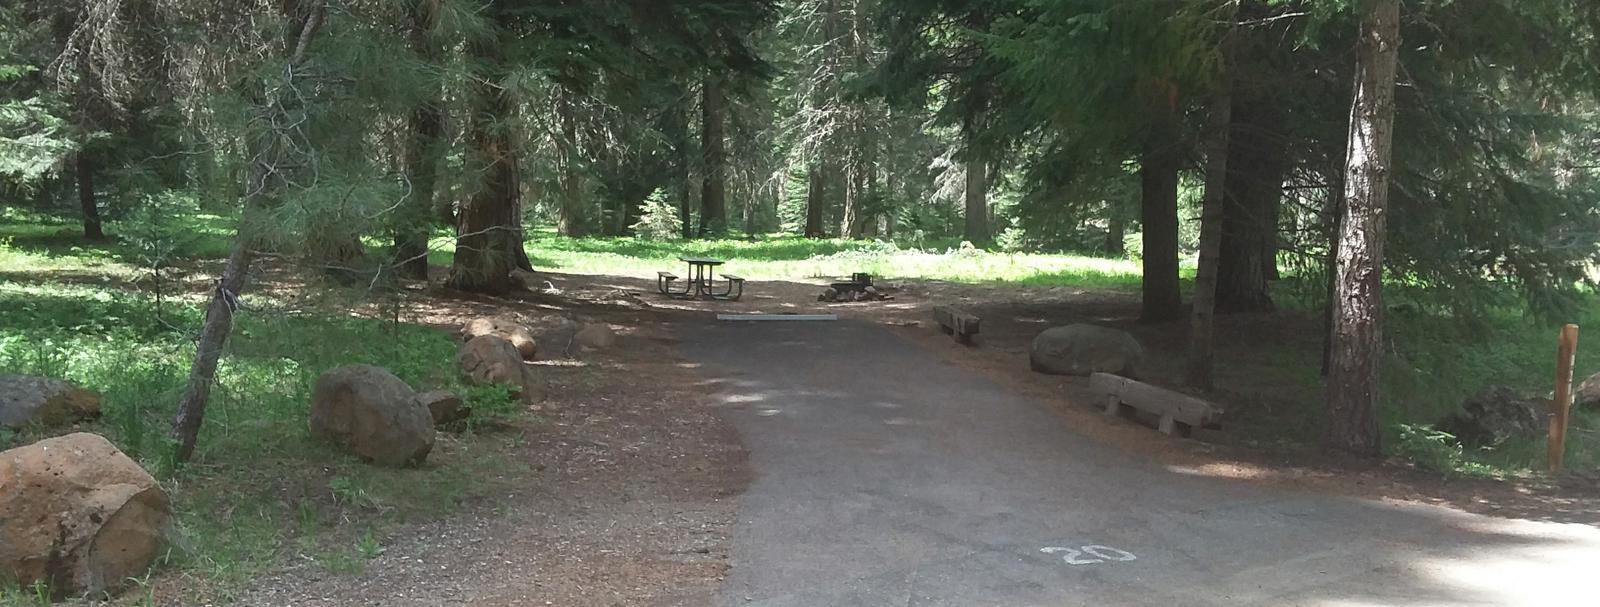 Campsite B20- Hyatt LakeCampsite 20, Loop B Hyatt Lake